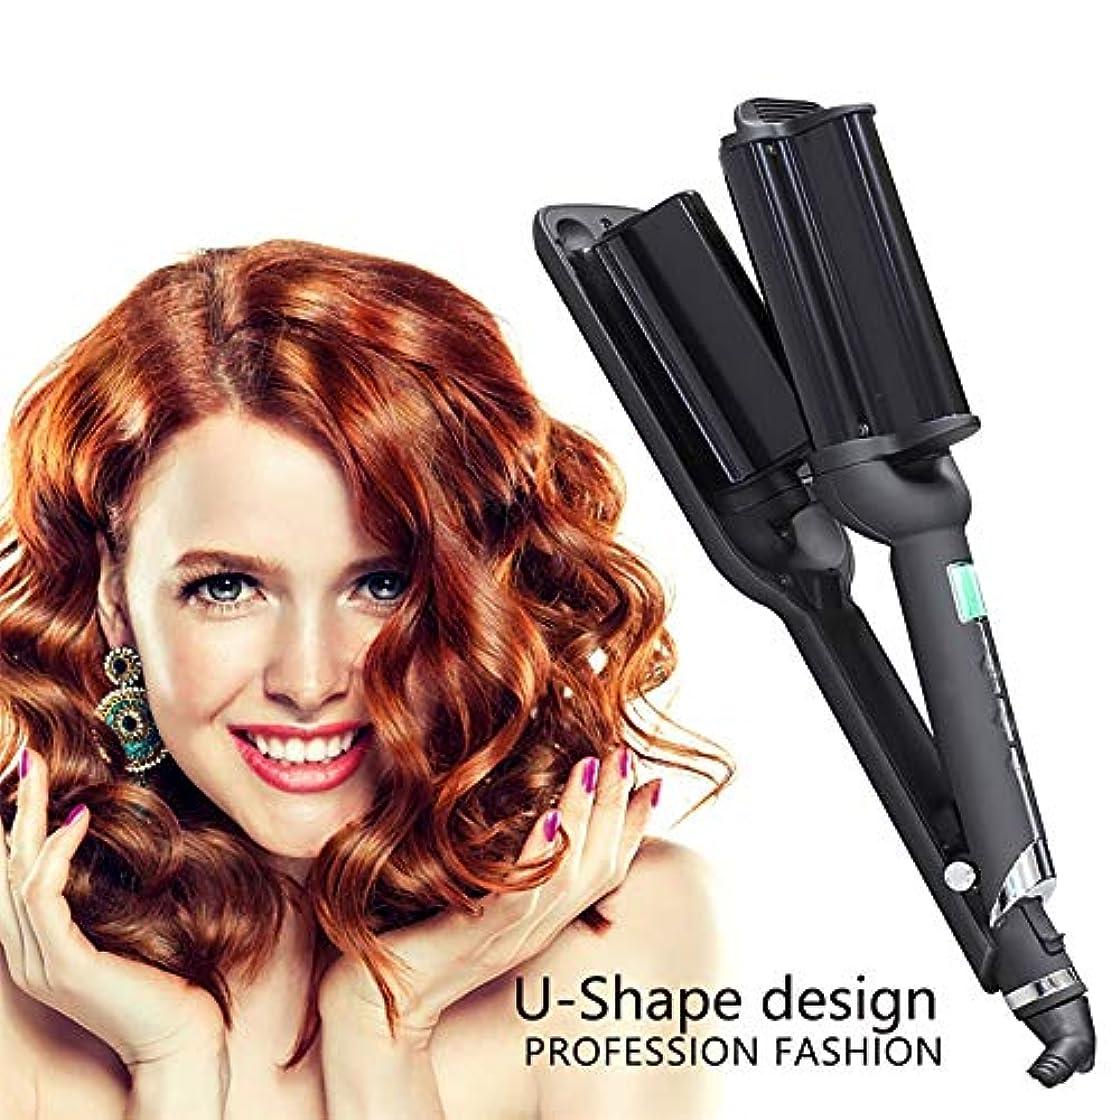 激怒不測の事態はさみ職業スプレーヘアカーラー、液晶全自動セラミックス理髪ツール、マルチスタイラーロングショートウェットドライヘア用髪にダメージなし